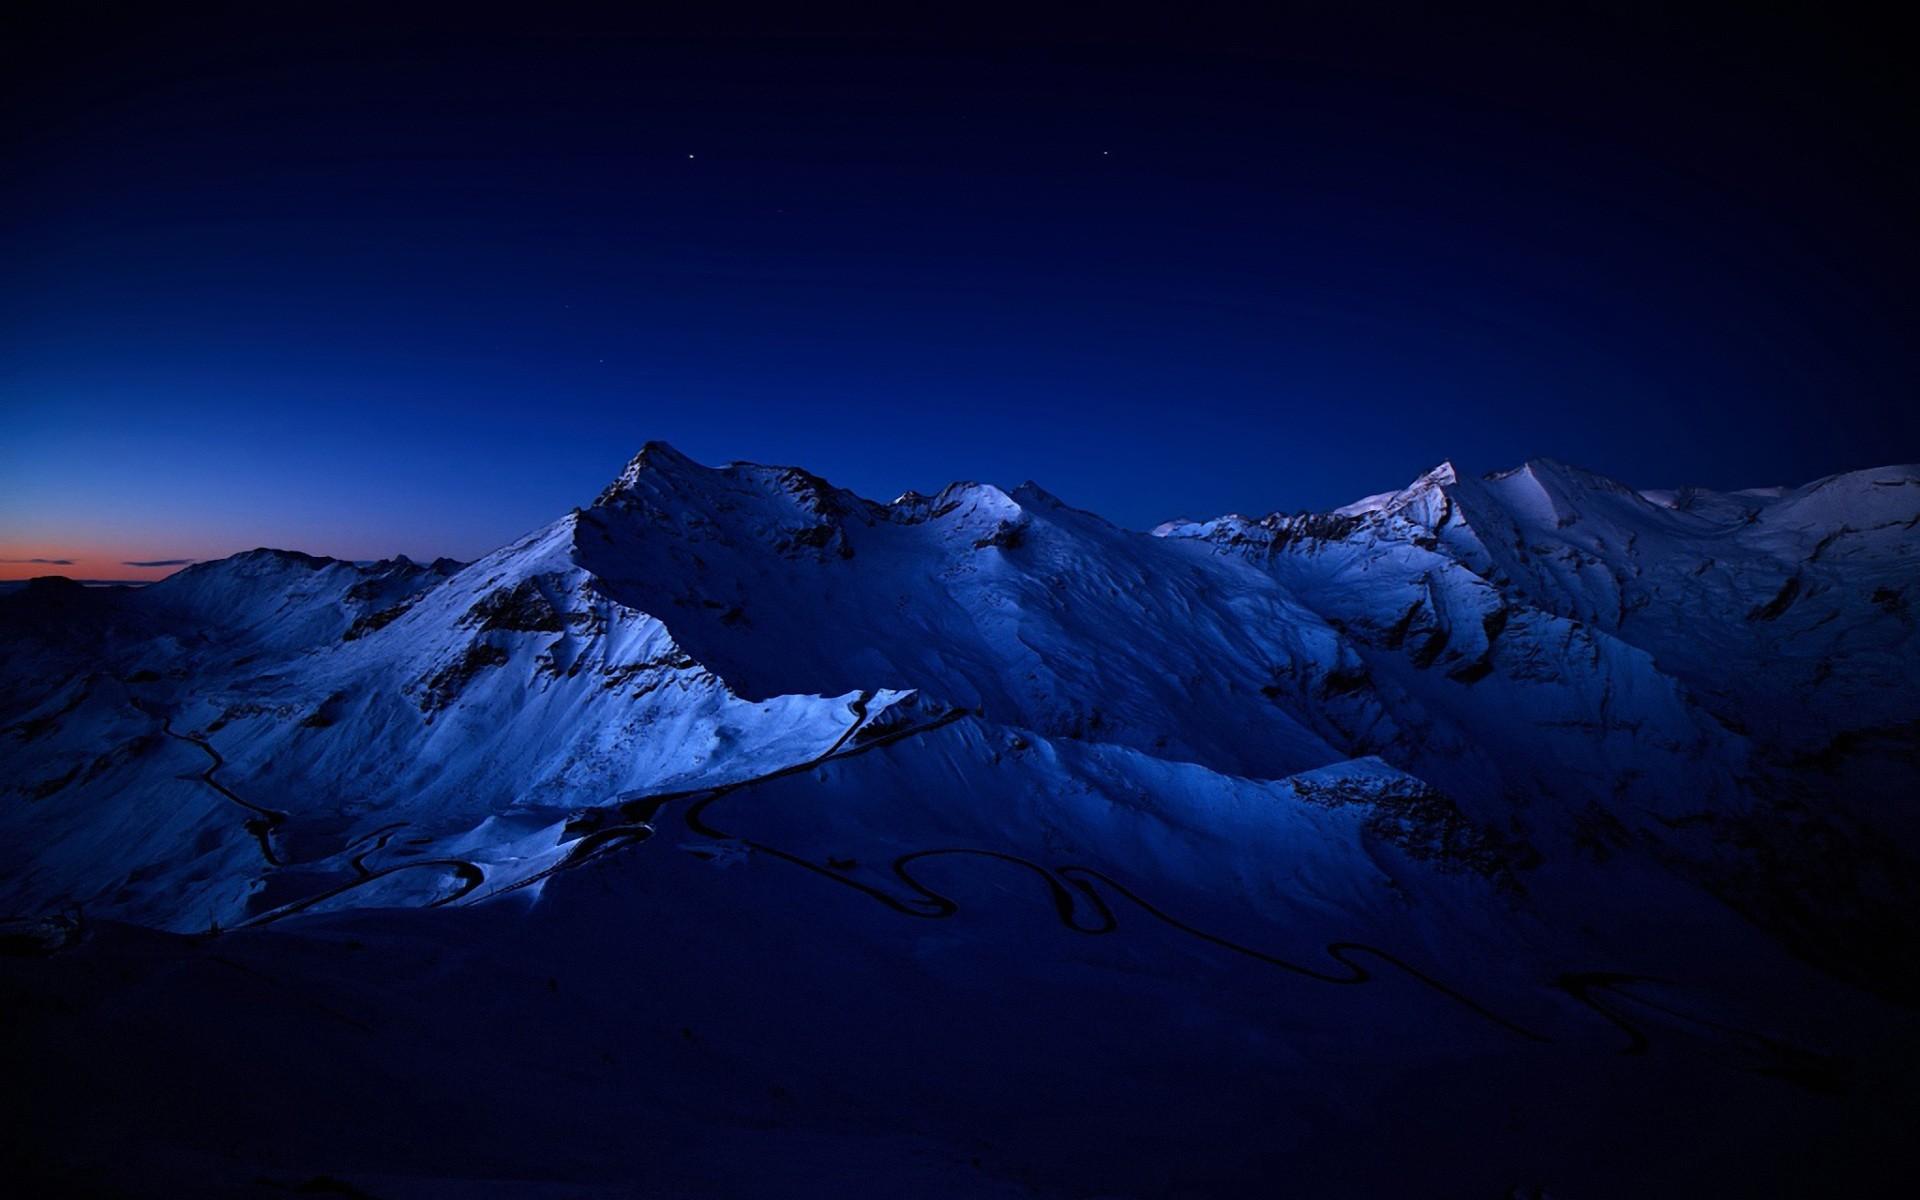 Explore Mountain Wallpaper, Snow Mountain, and more! Night Mountain Desktop  …